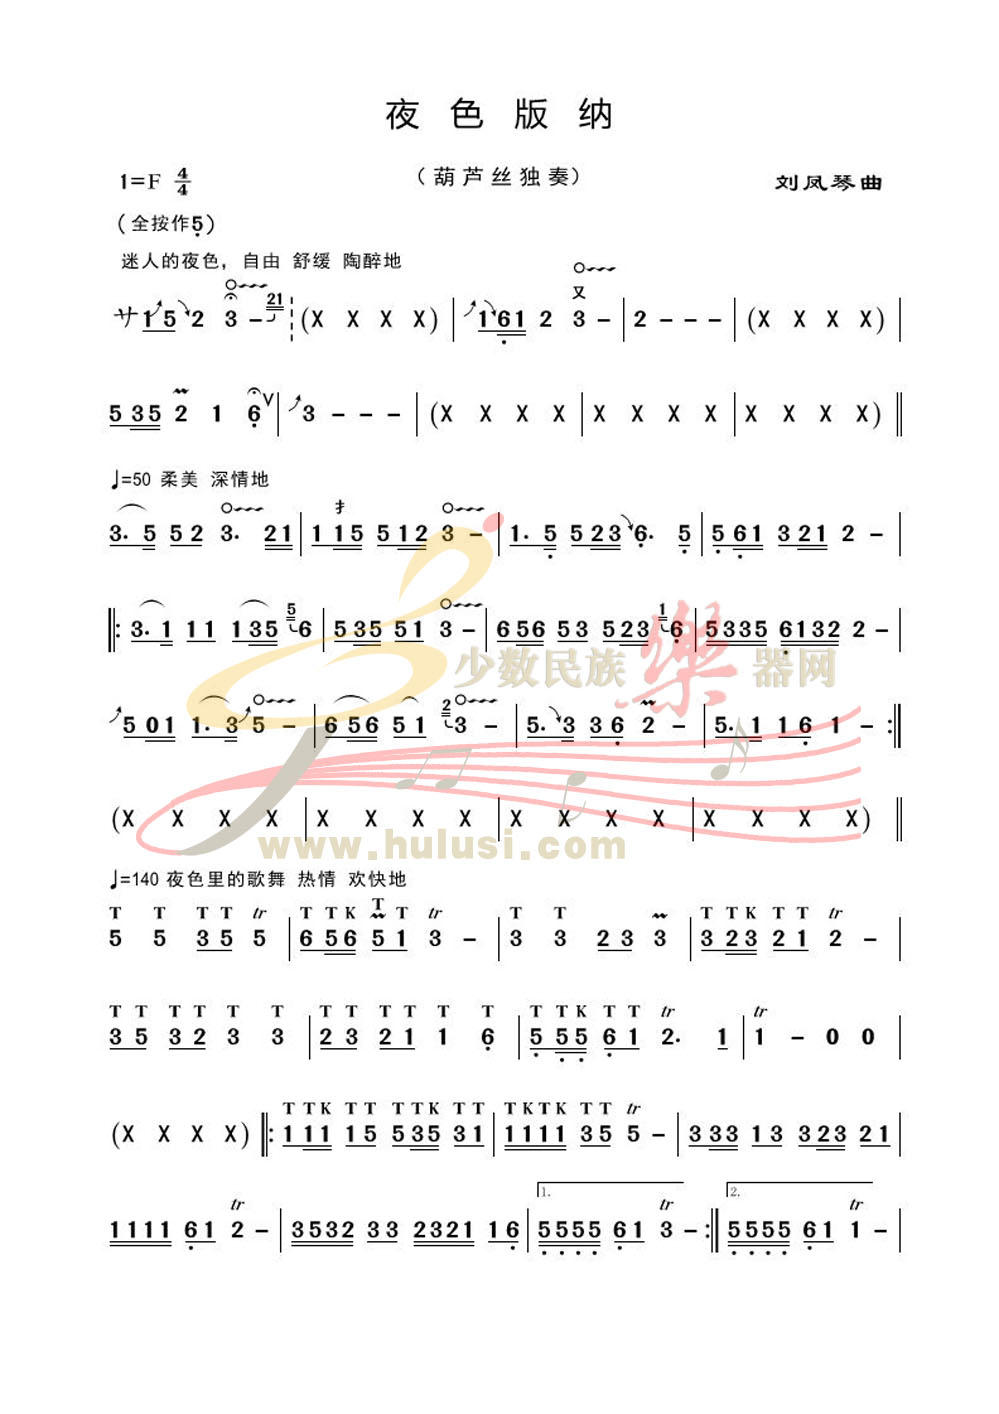 刘凤琴《夜色版纳》葫芦丝曲谱